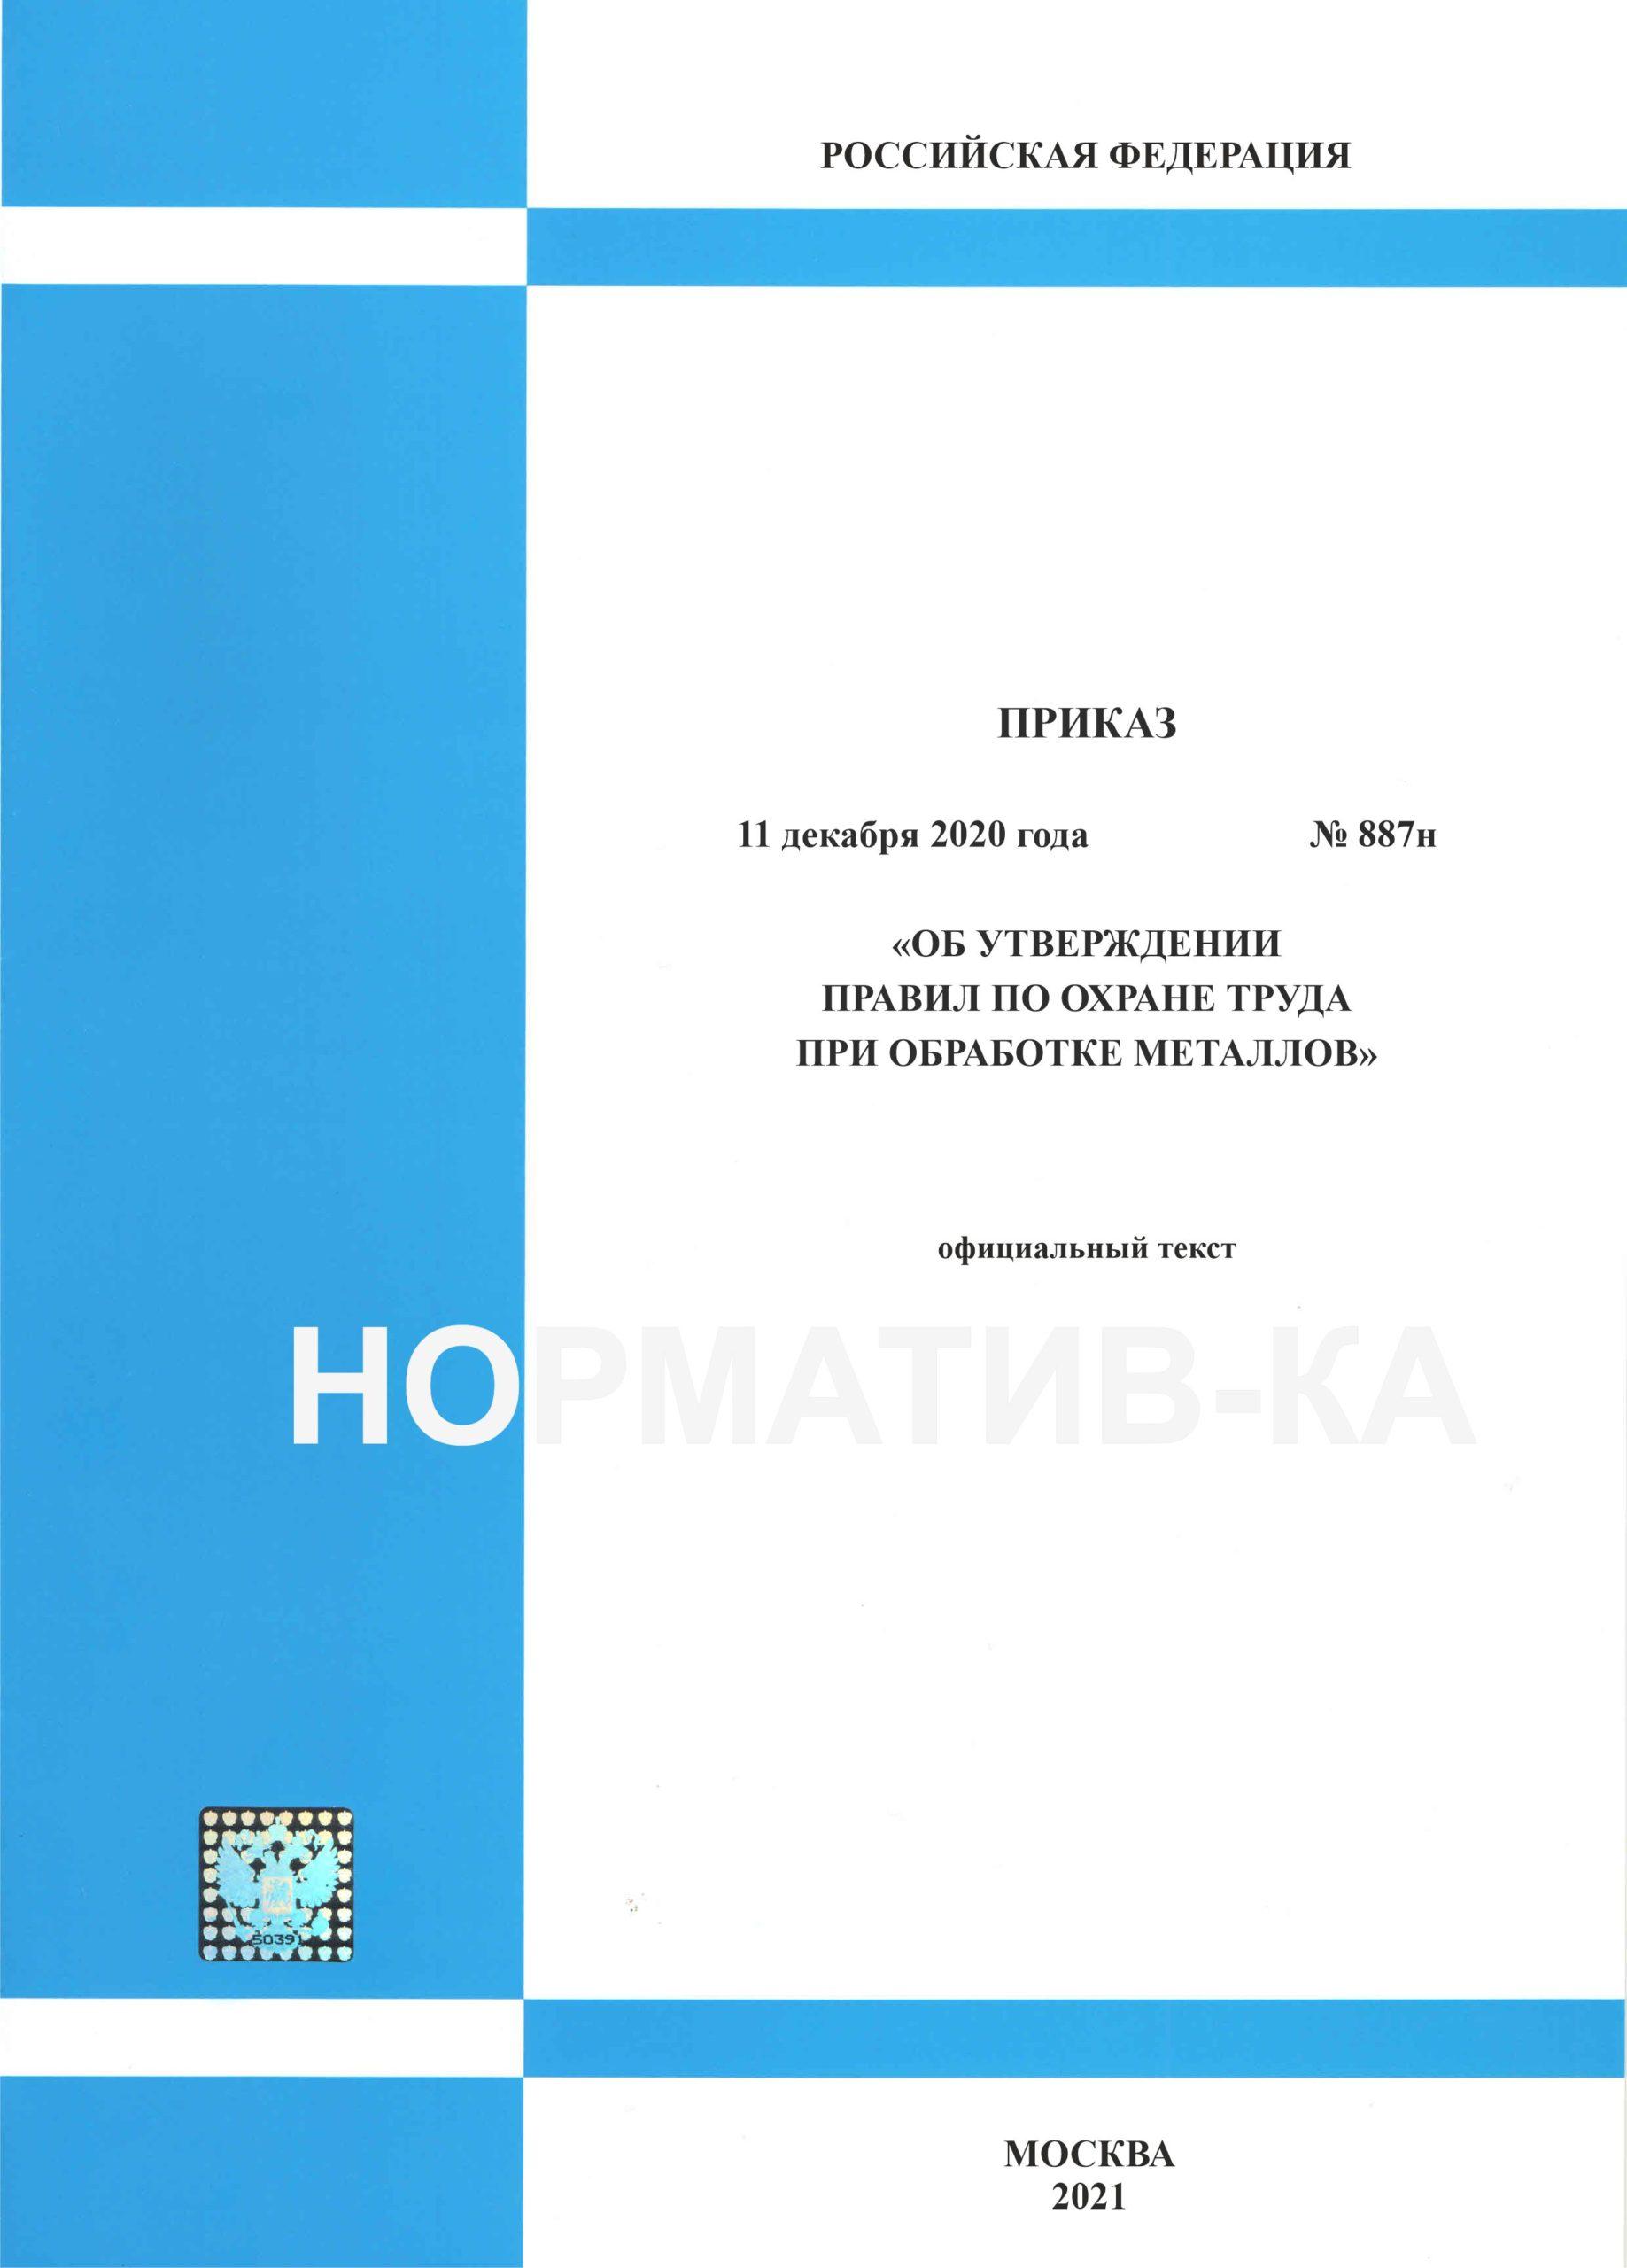 Приказ № 887н